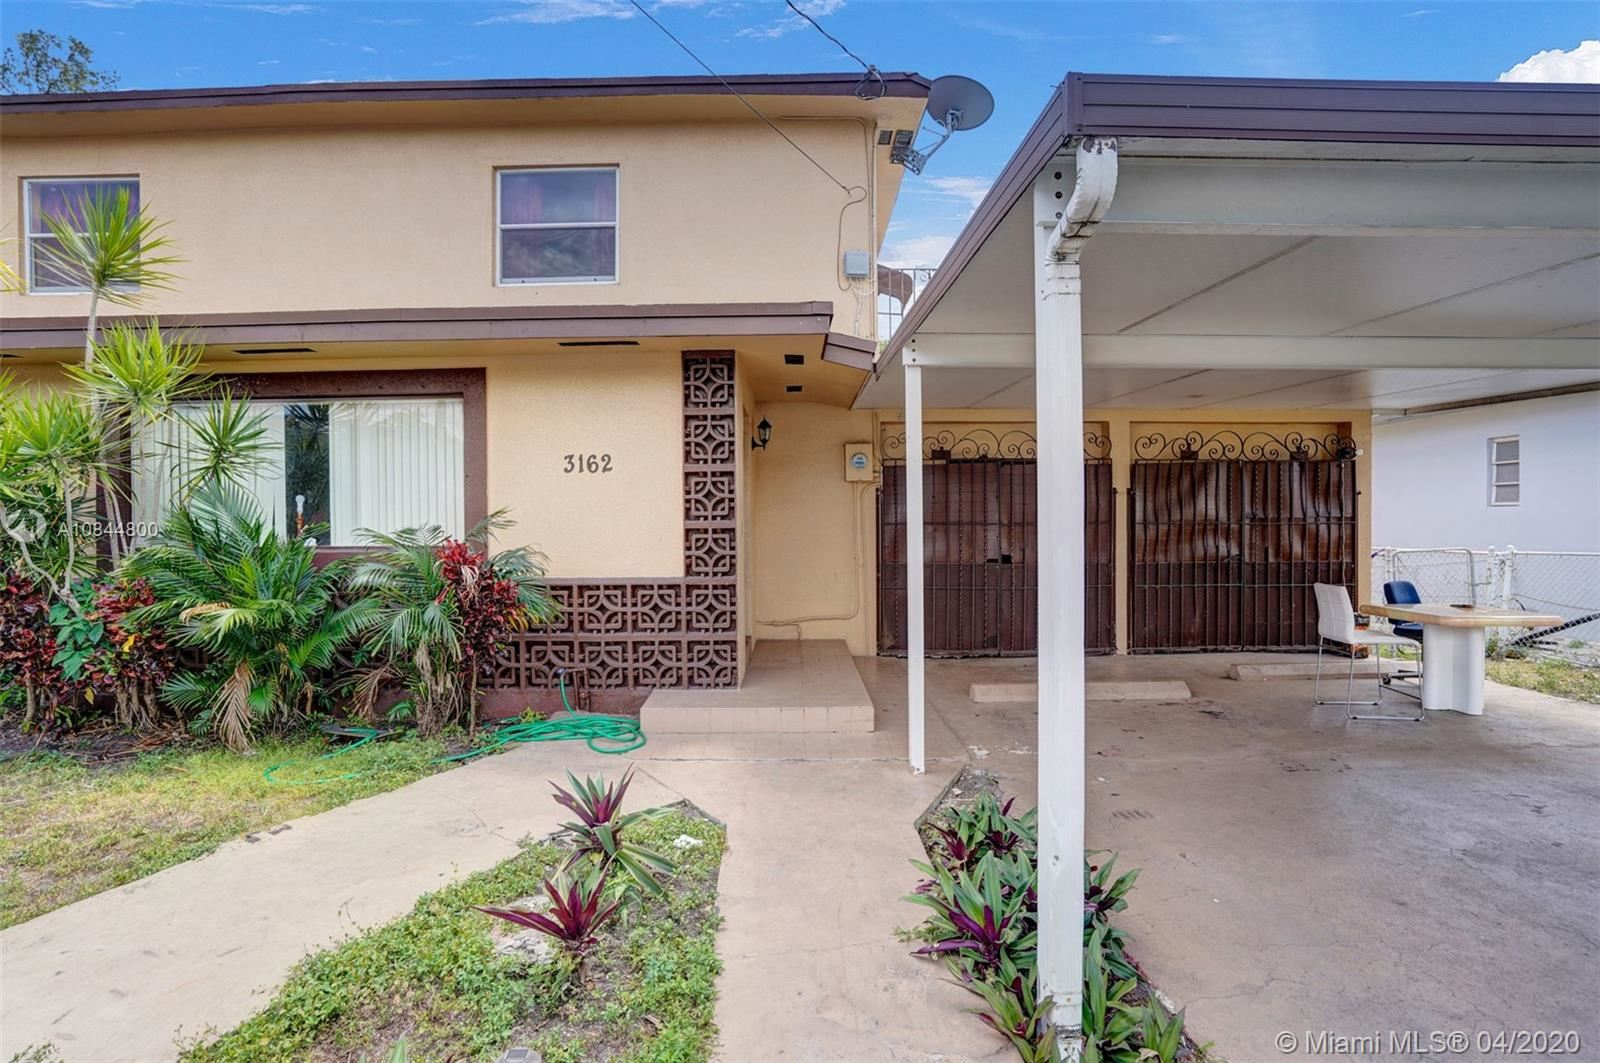 3162 NW 47th St, Miami, FL 33142 - #: A10844800